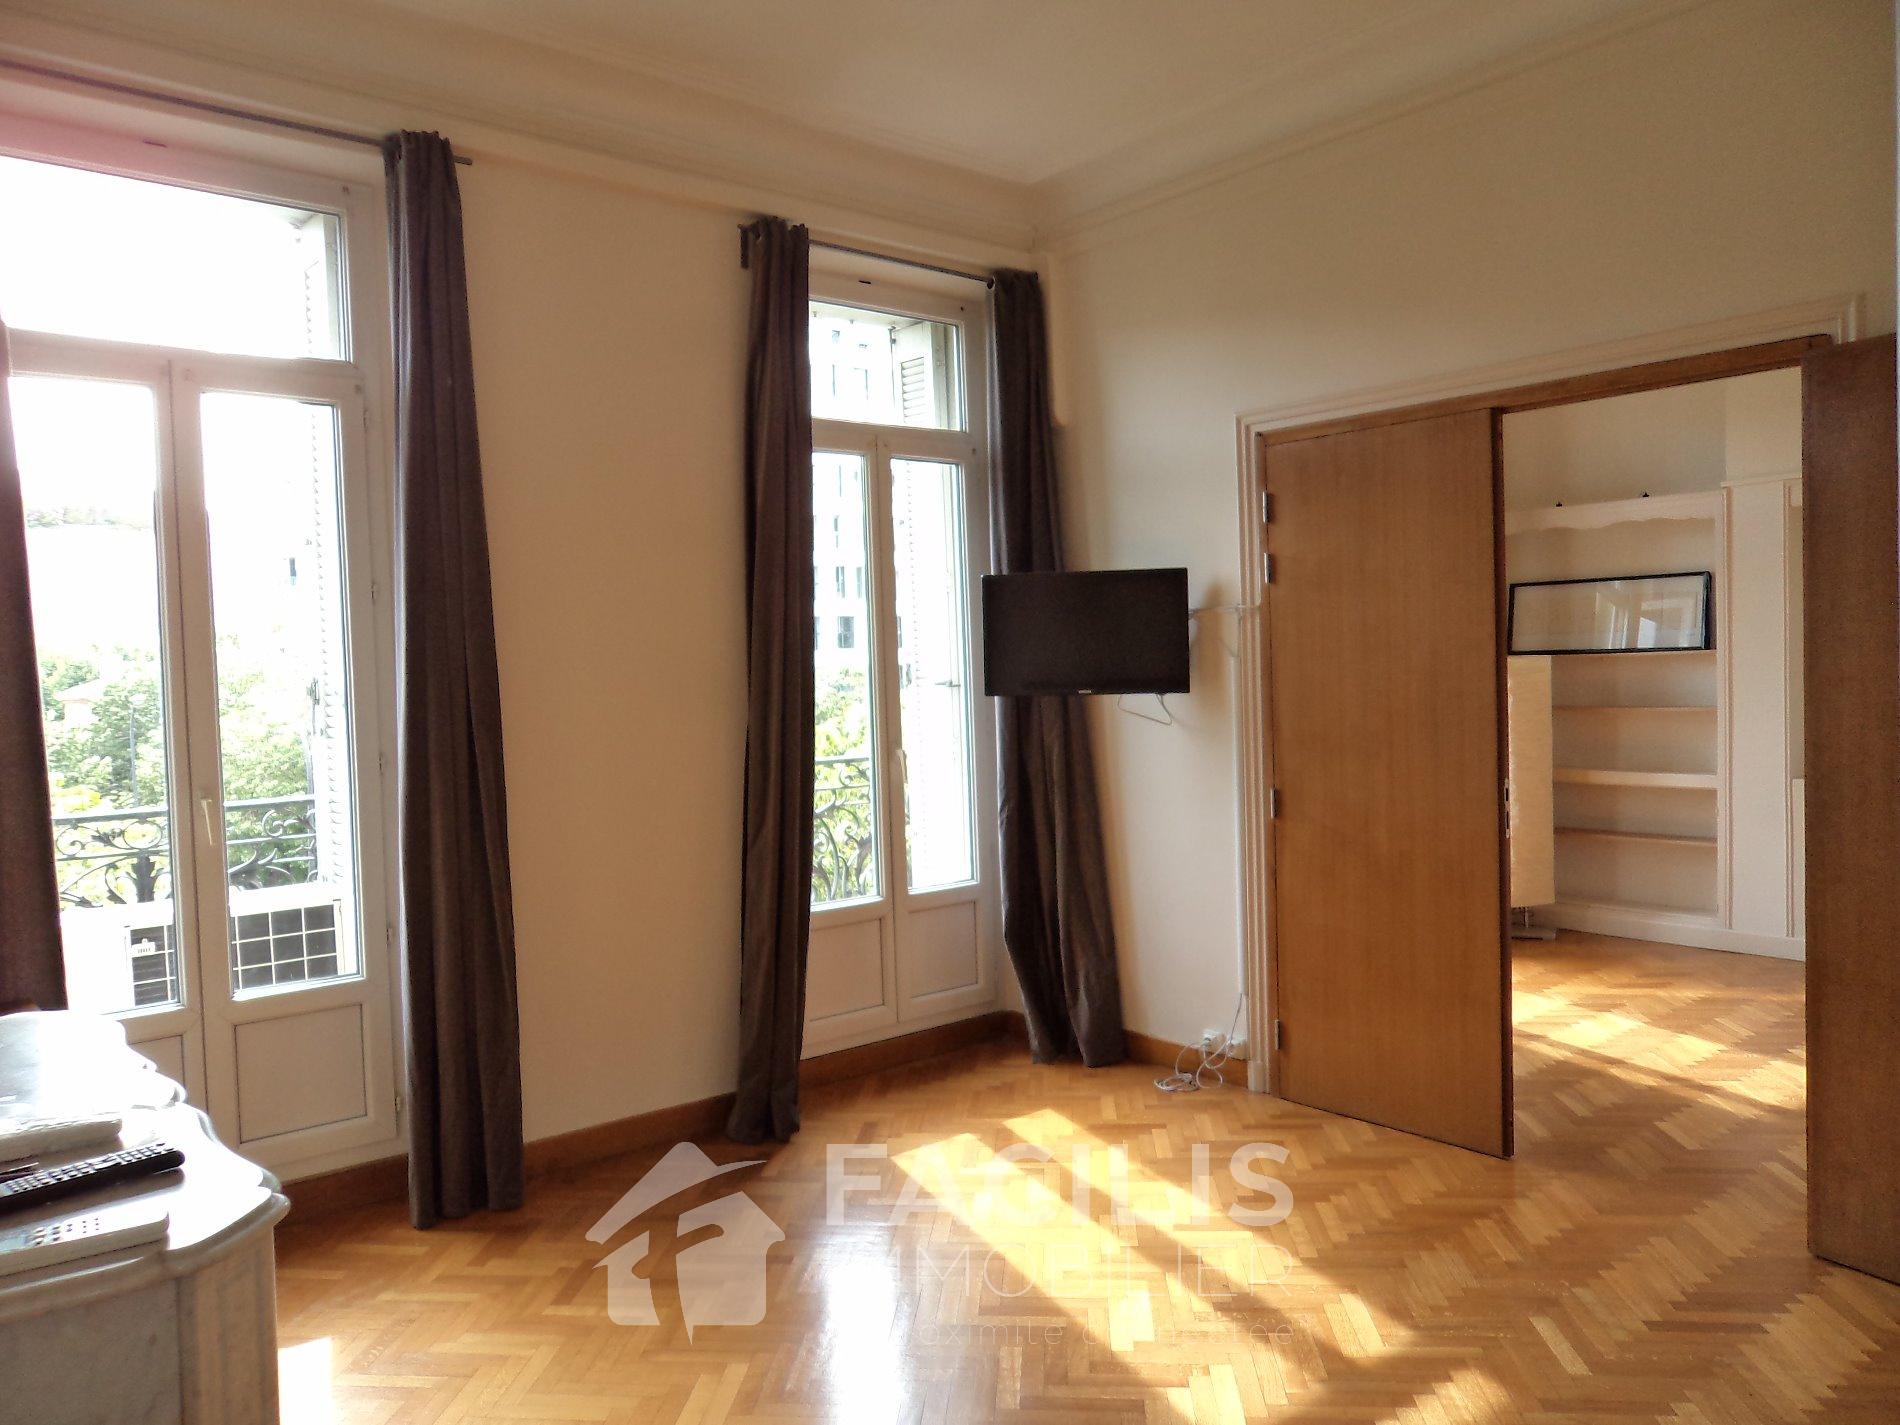 Annonce Vente Appartement Marseille 6 59 M 219 500 992738002145